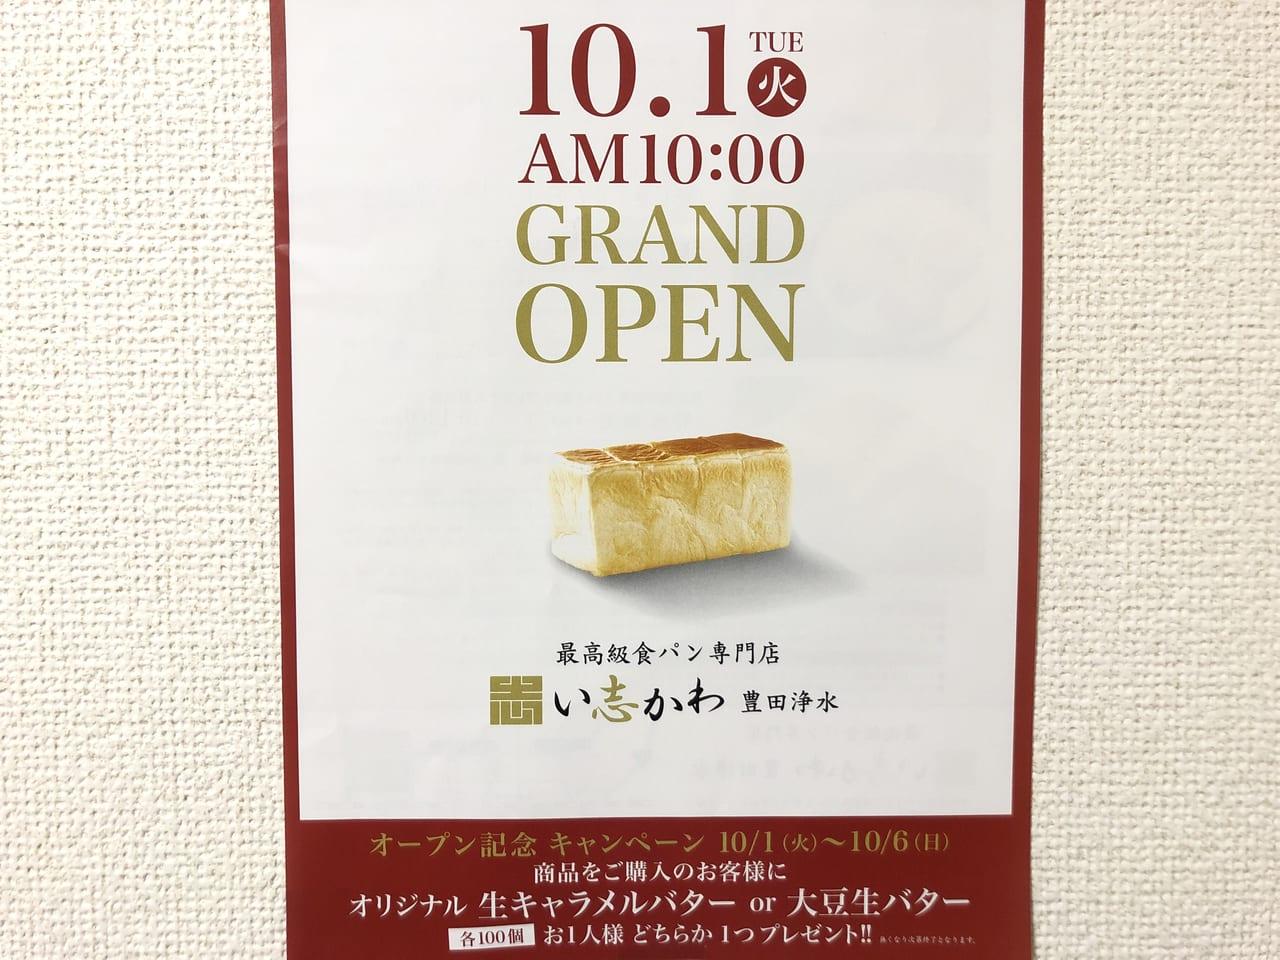 2019年10月1日にオープンする最高級食パン「い志かわ」